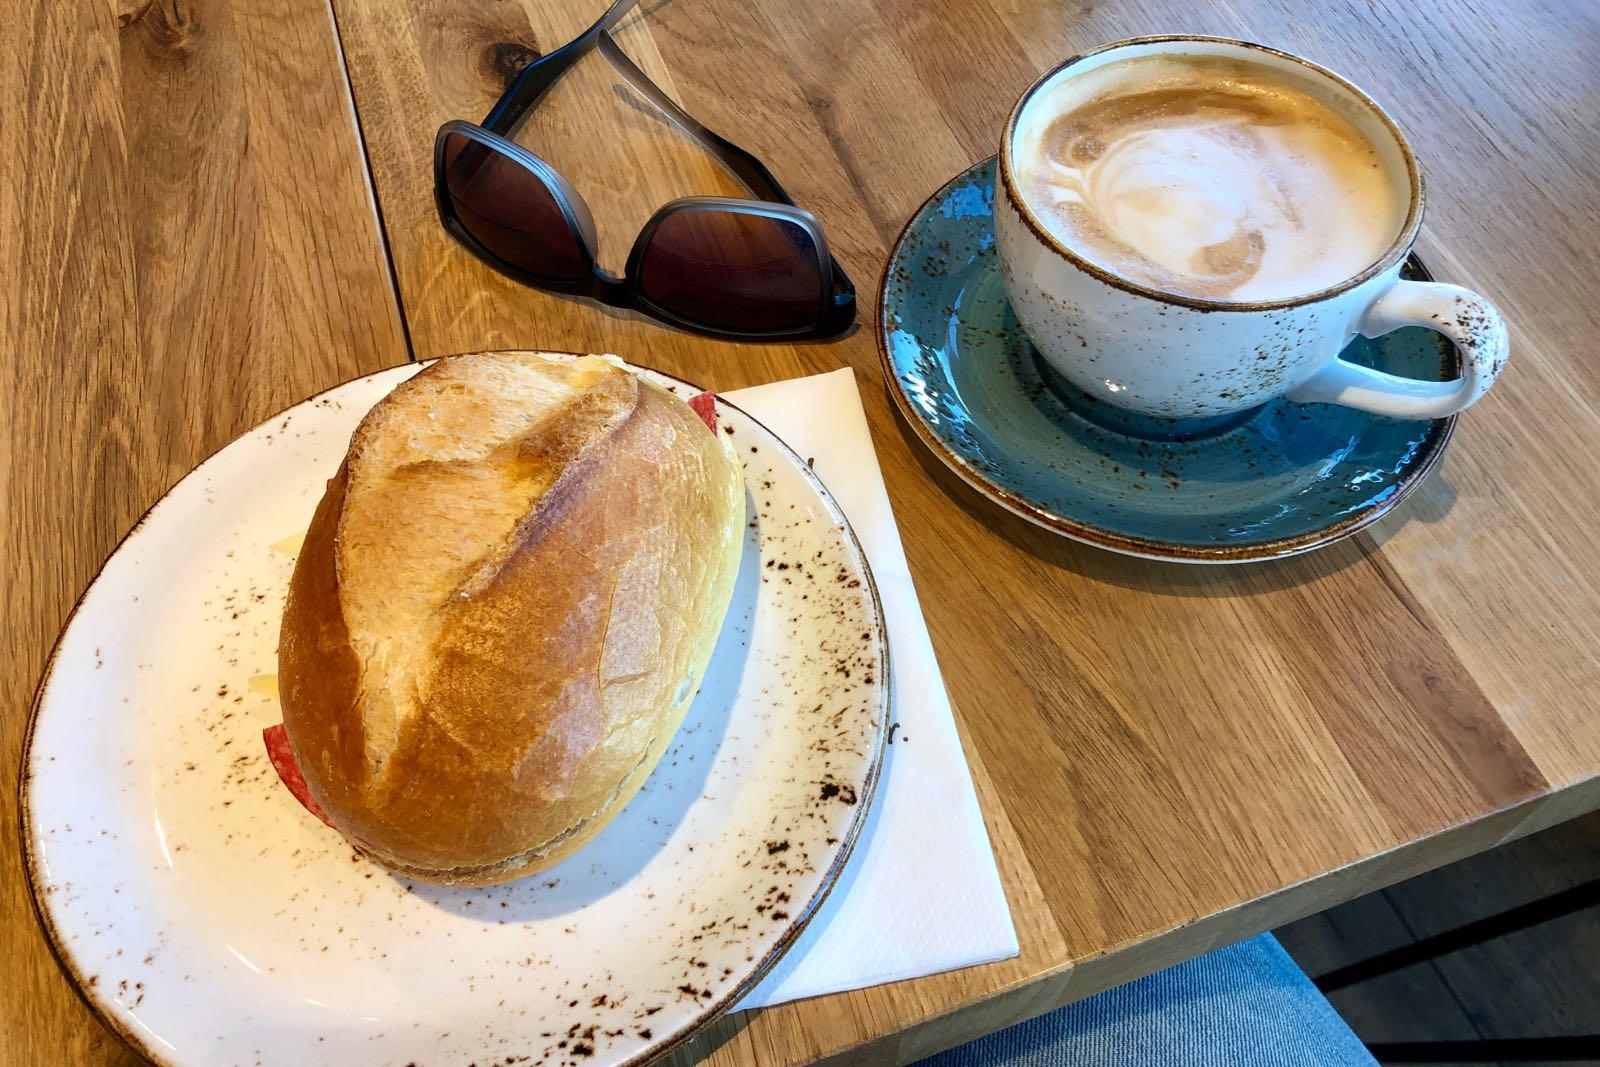 Frühstück in Limburg und Umgebung